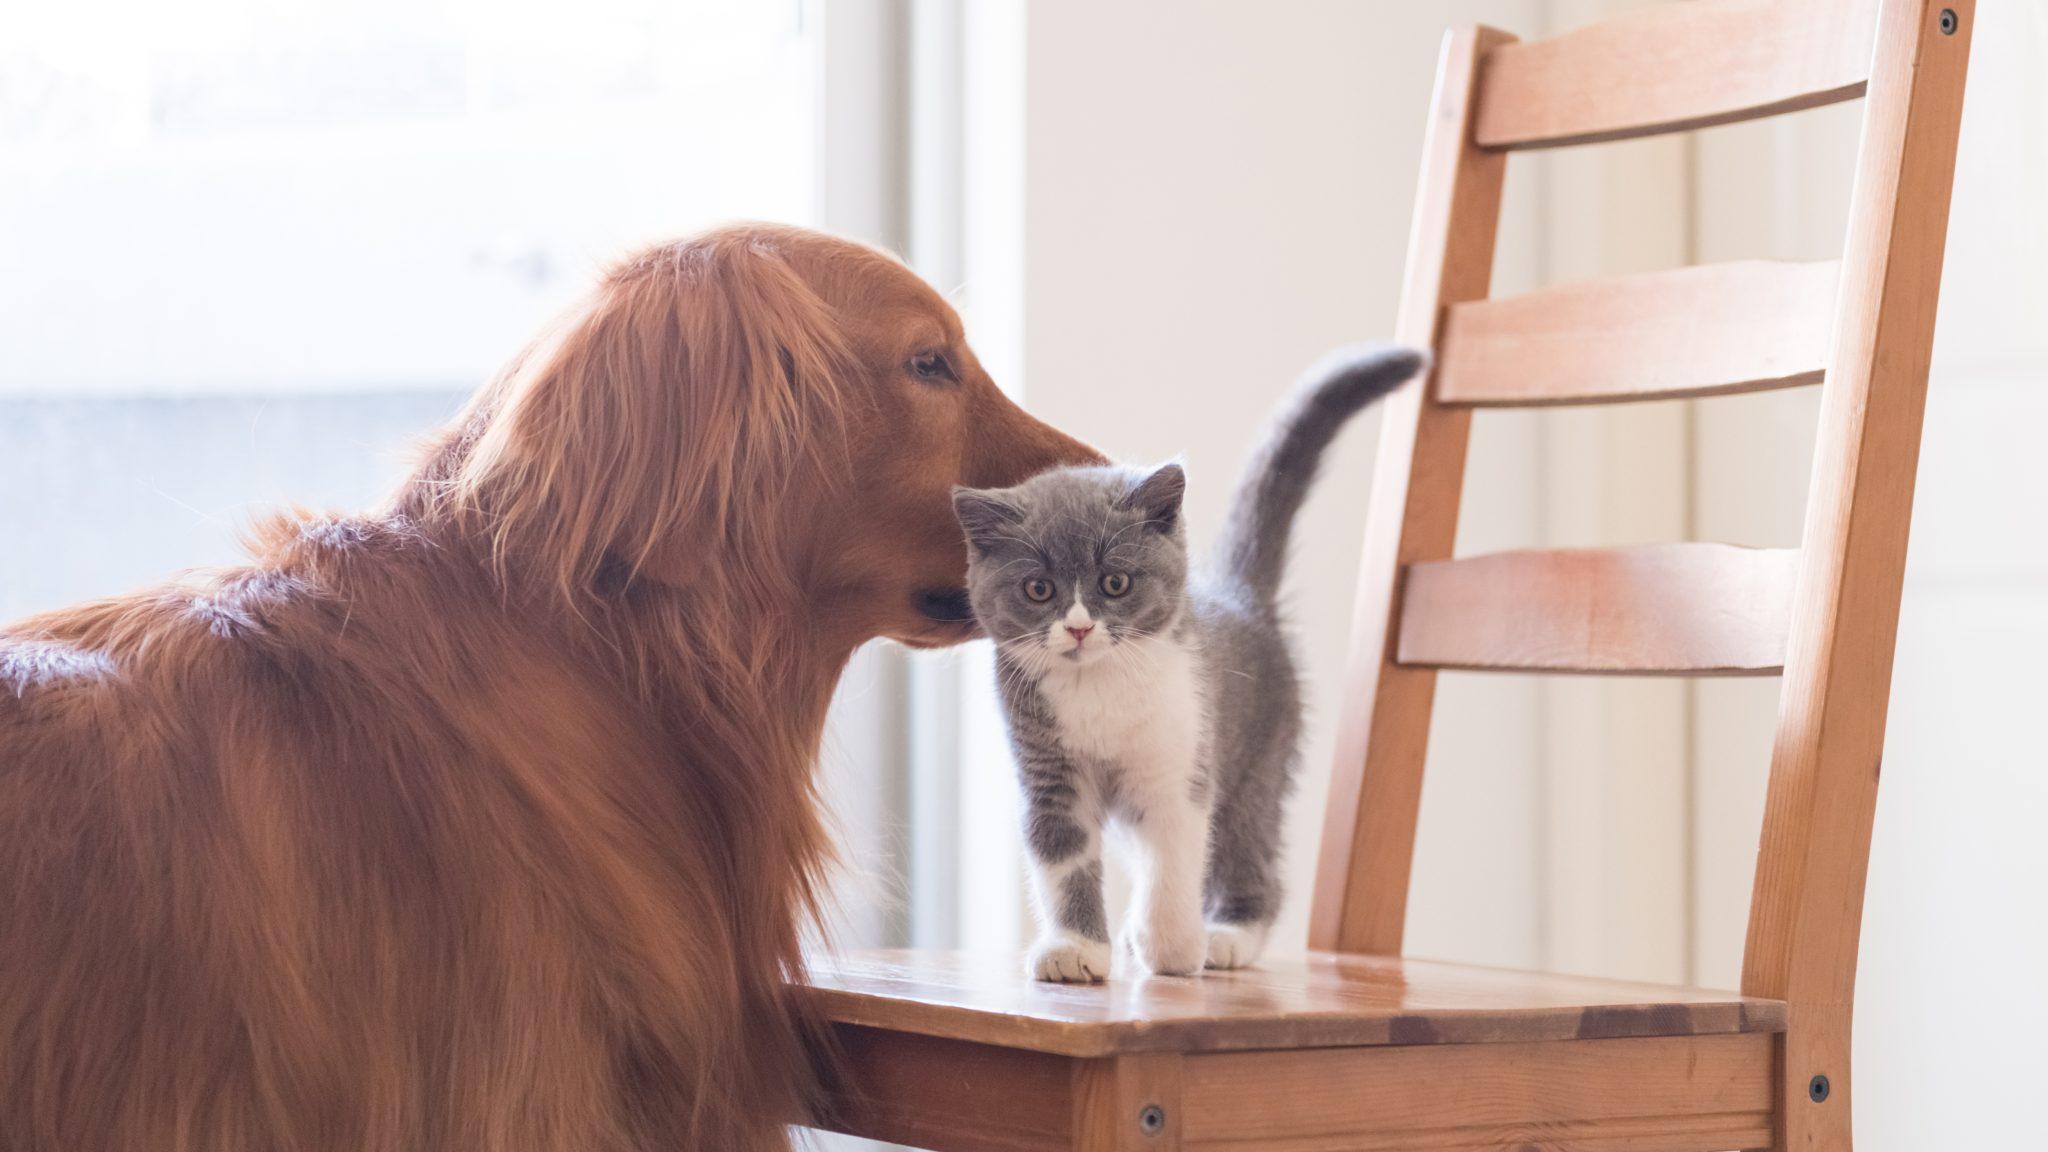 Animals' Legal Status - Animal Legal Defense Fund